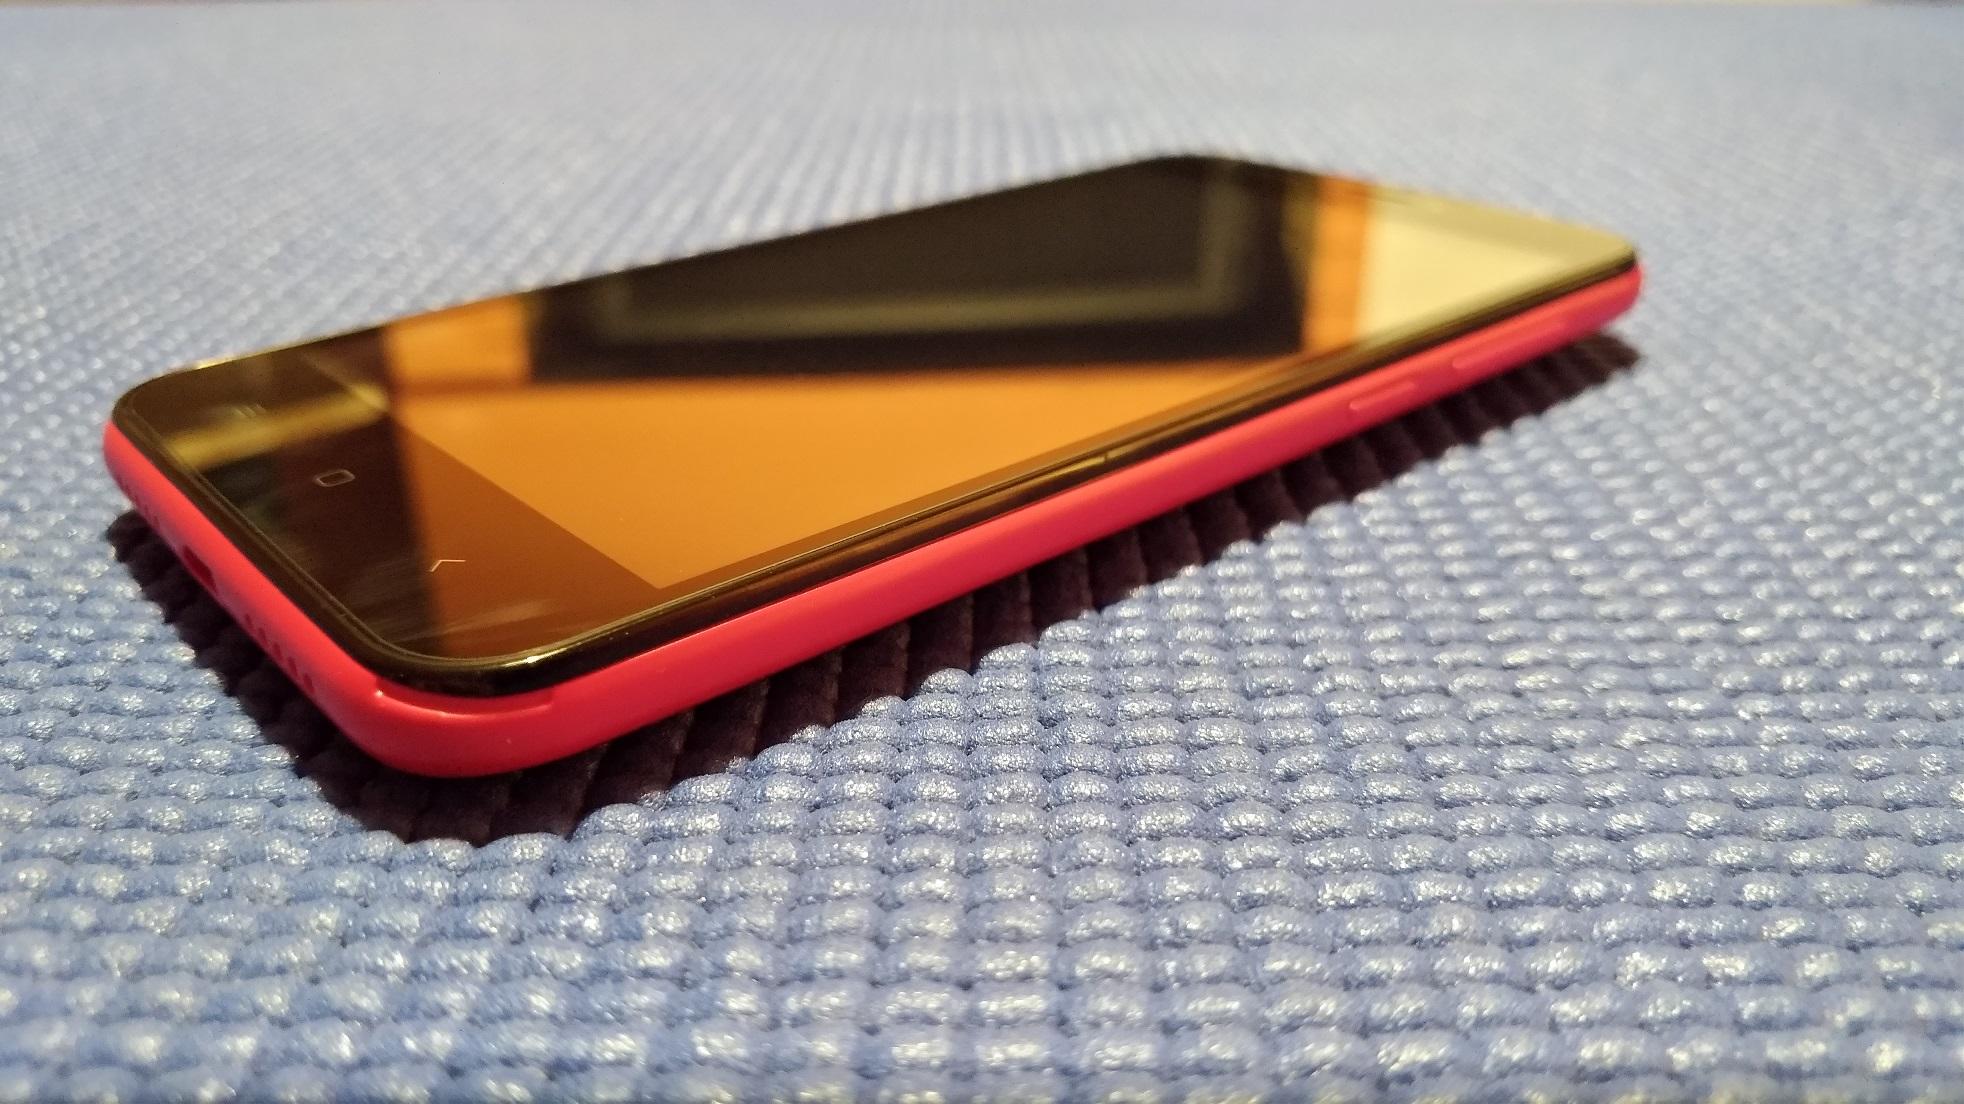 Ulefone S7